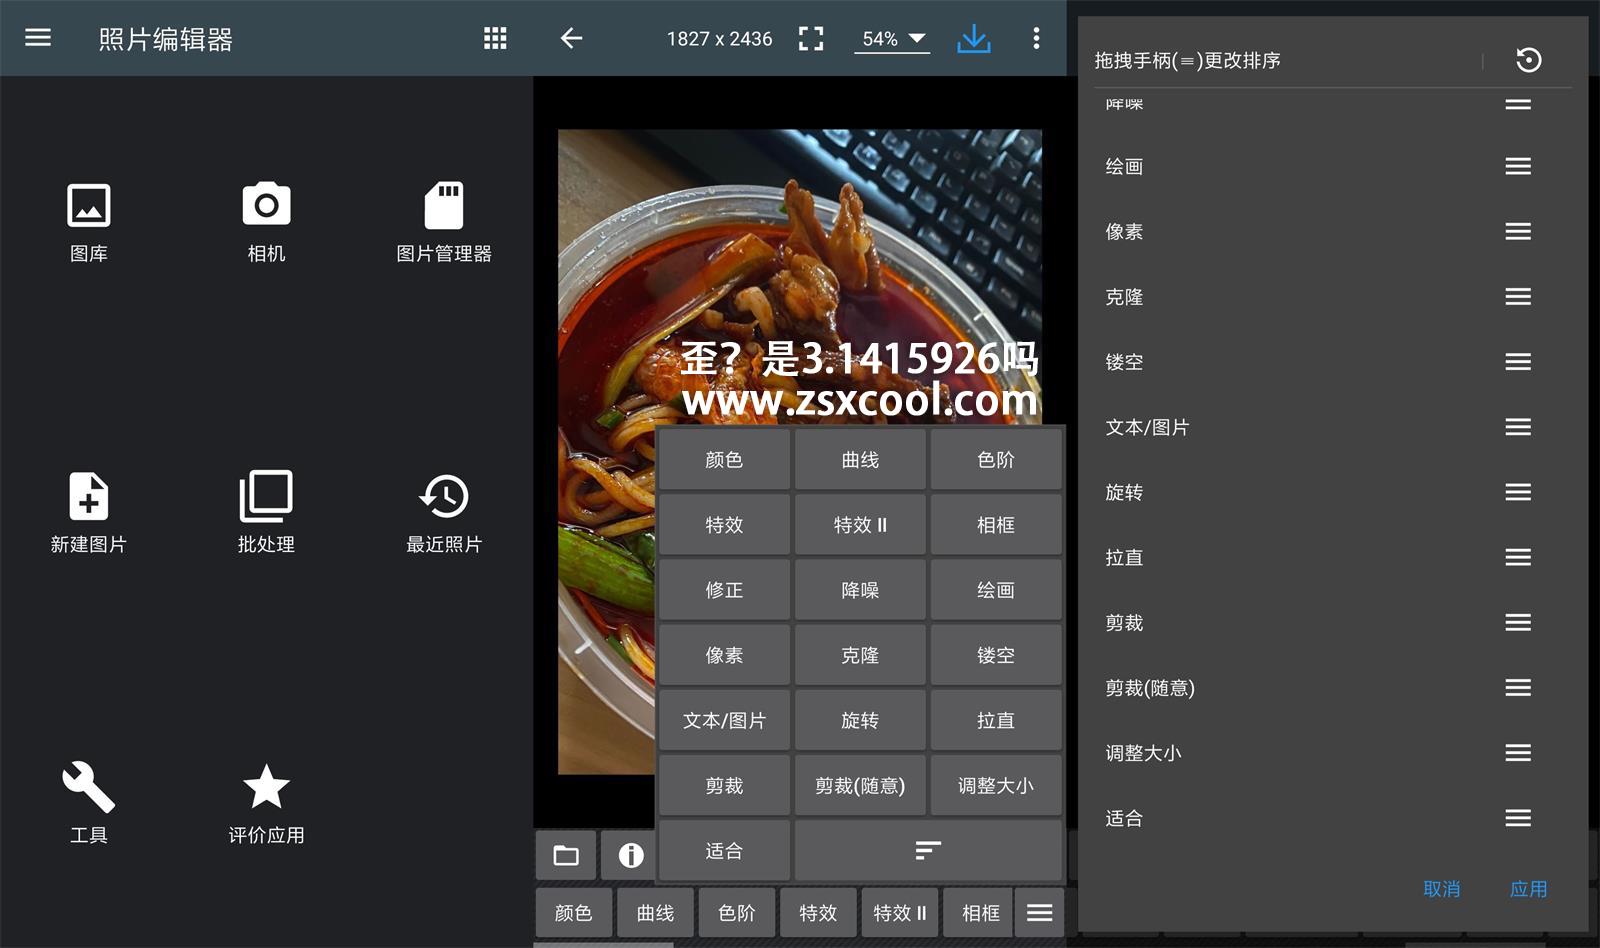 手机照片编辑器v6.4.0高级版-歪?是3.1415926吗